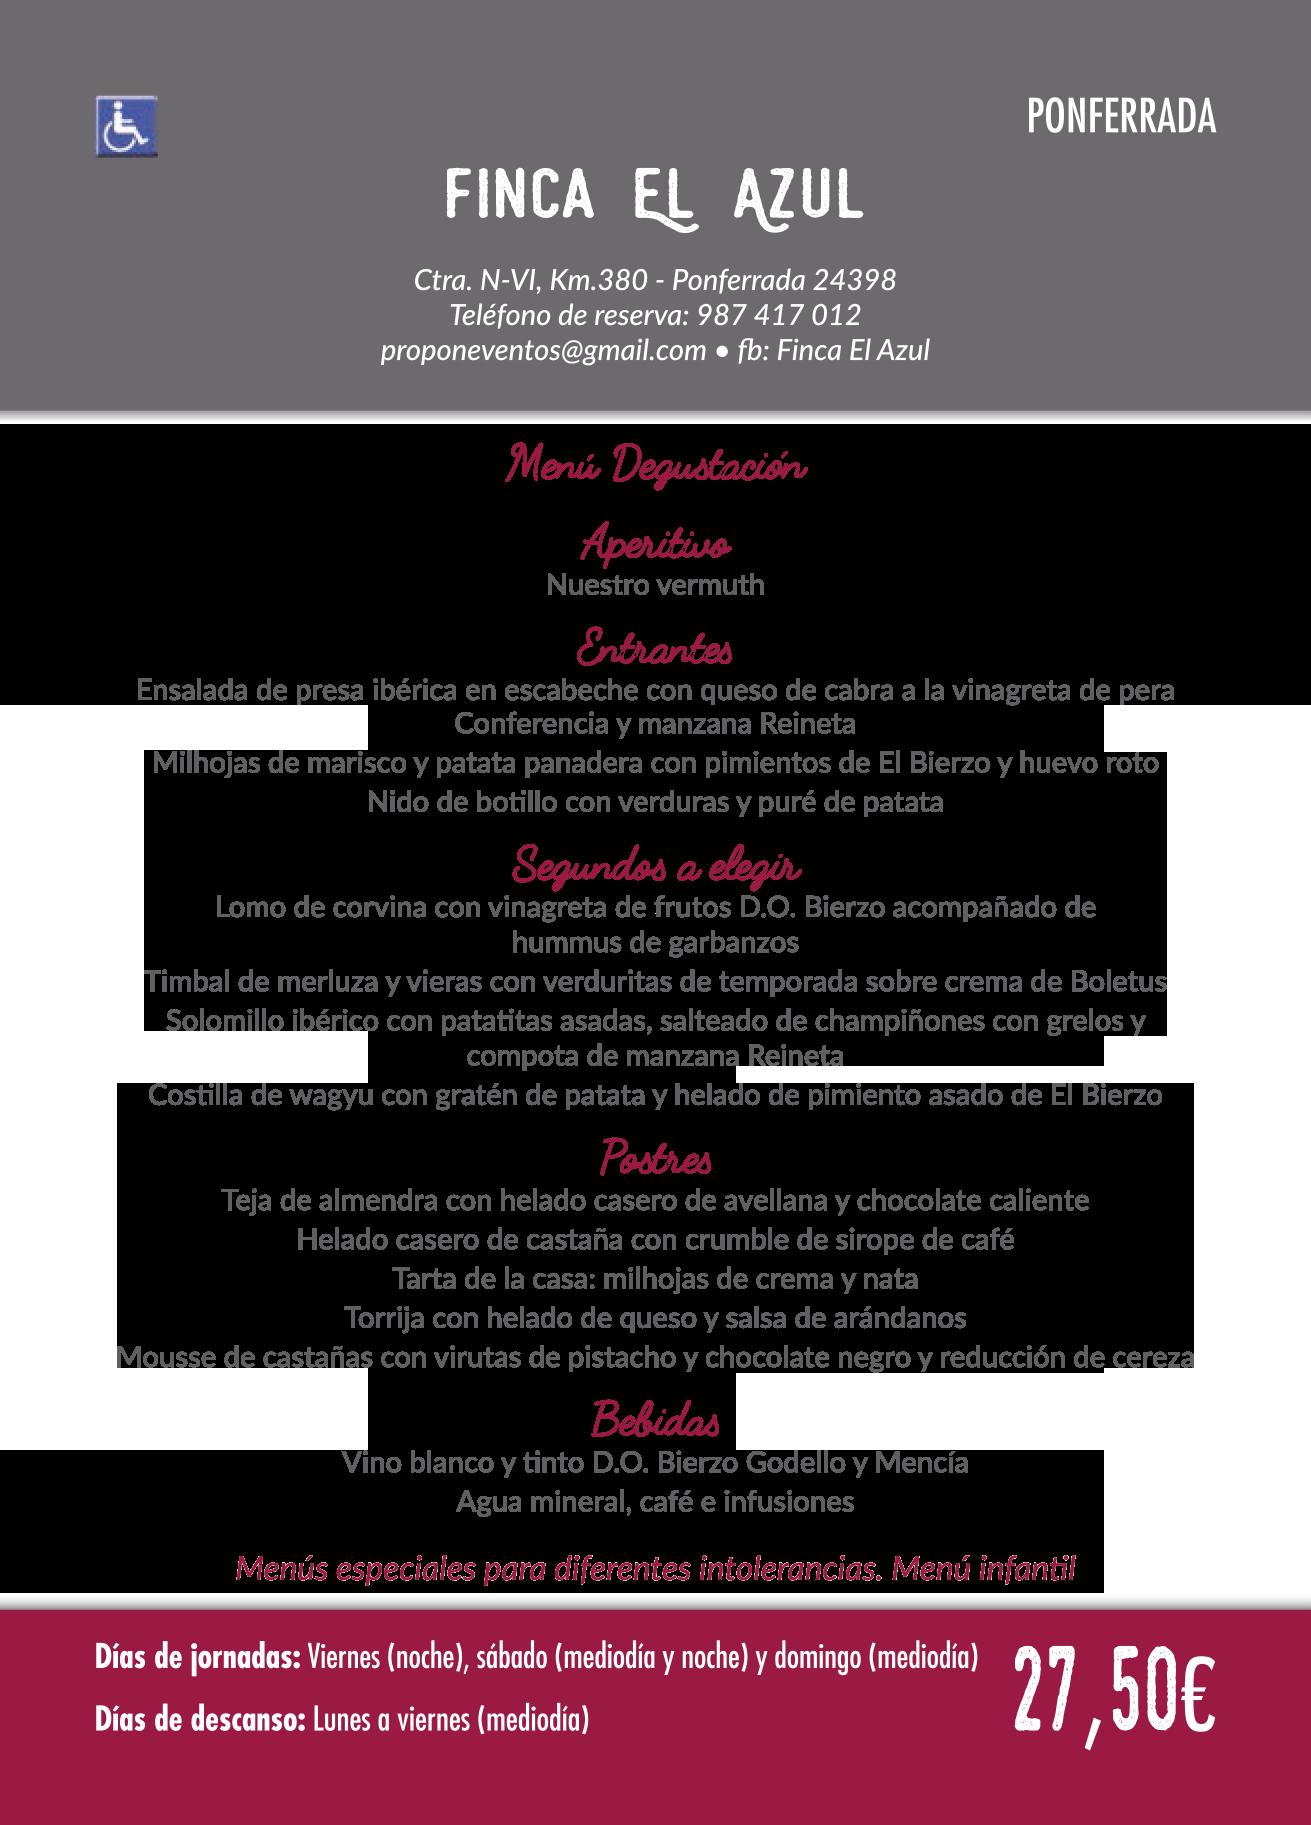 Las Jornadas Gastronómicas del Bierzo llegan a su 35 edición. Consulta los menús de esta edición 16